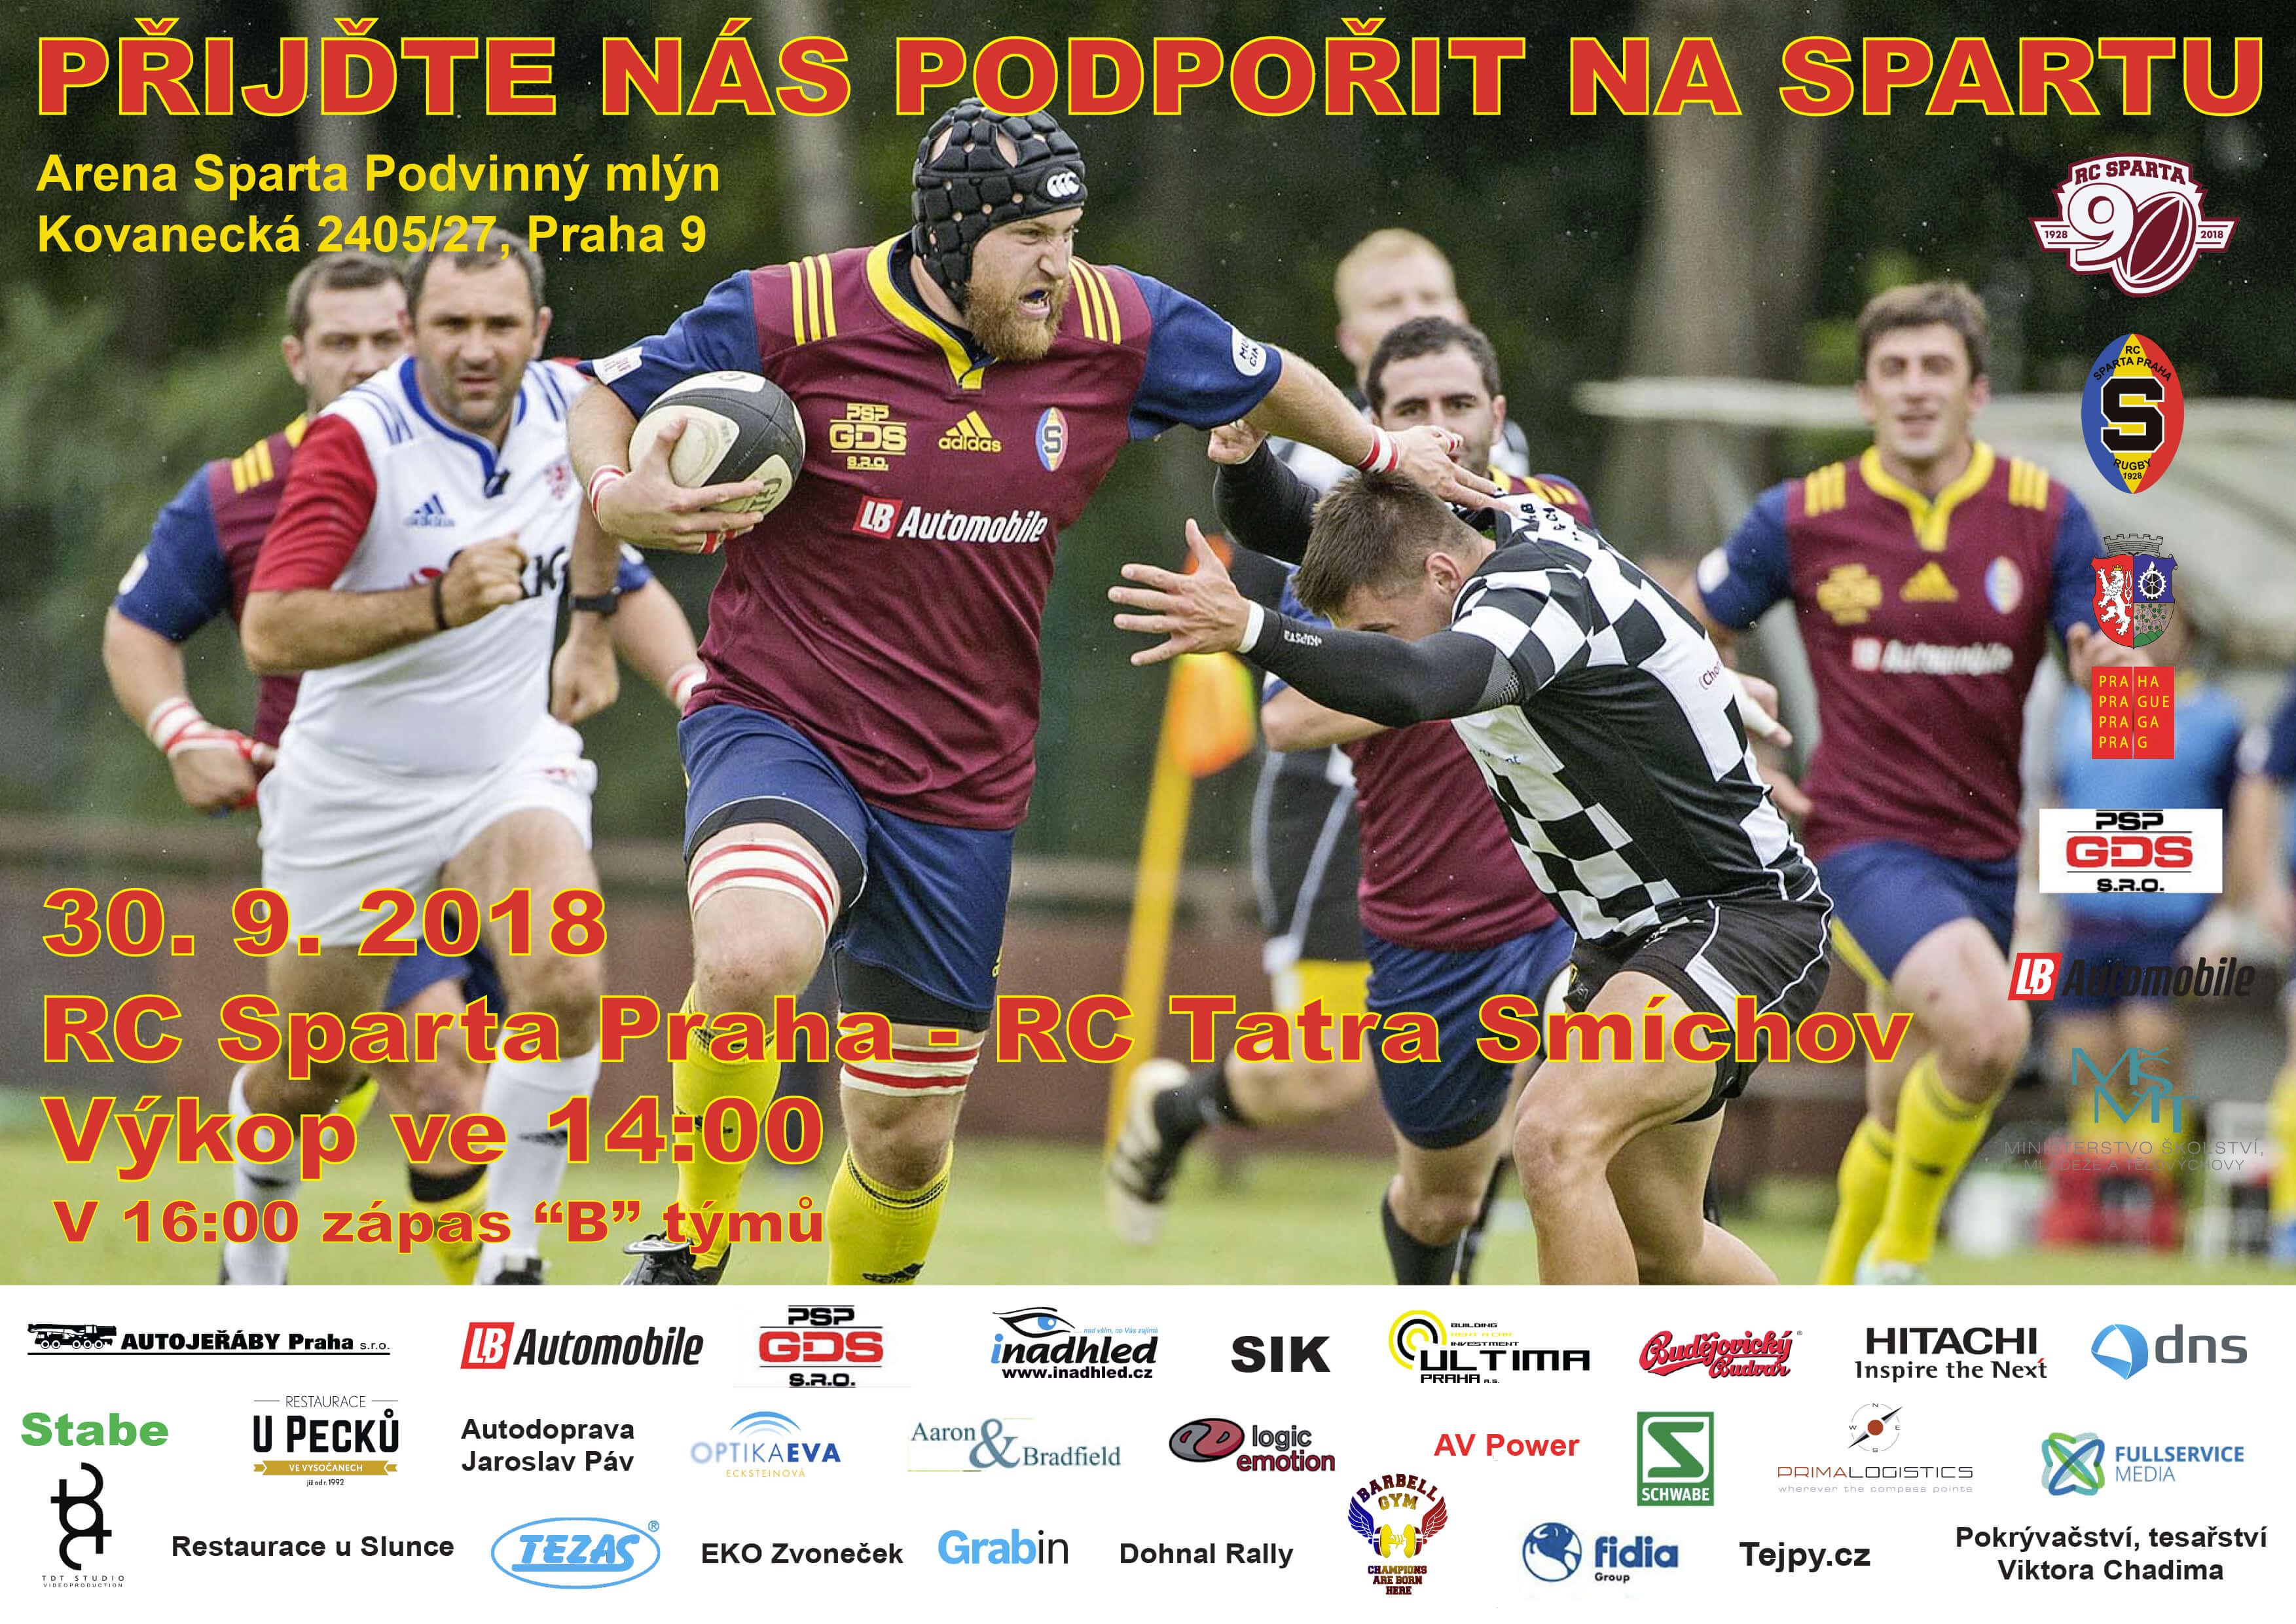 Pozvánka na zápas RC Sparta Praha vs. RC Tatra Smíchov